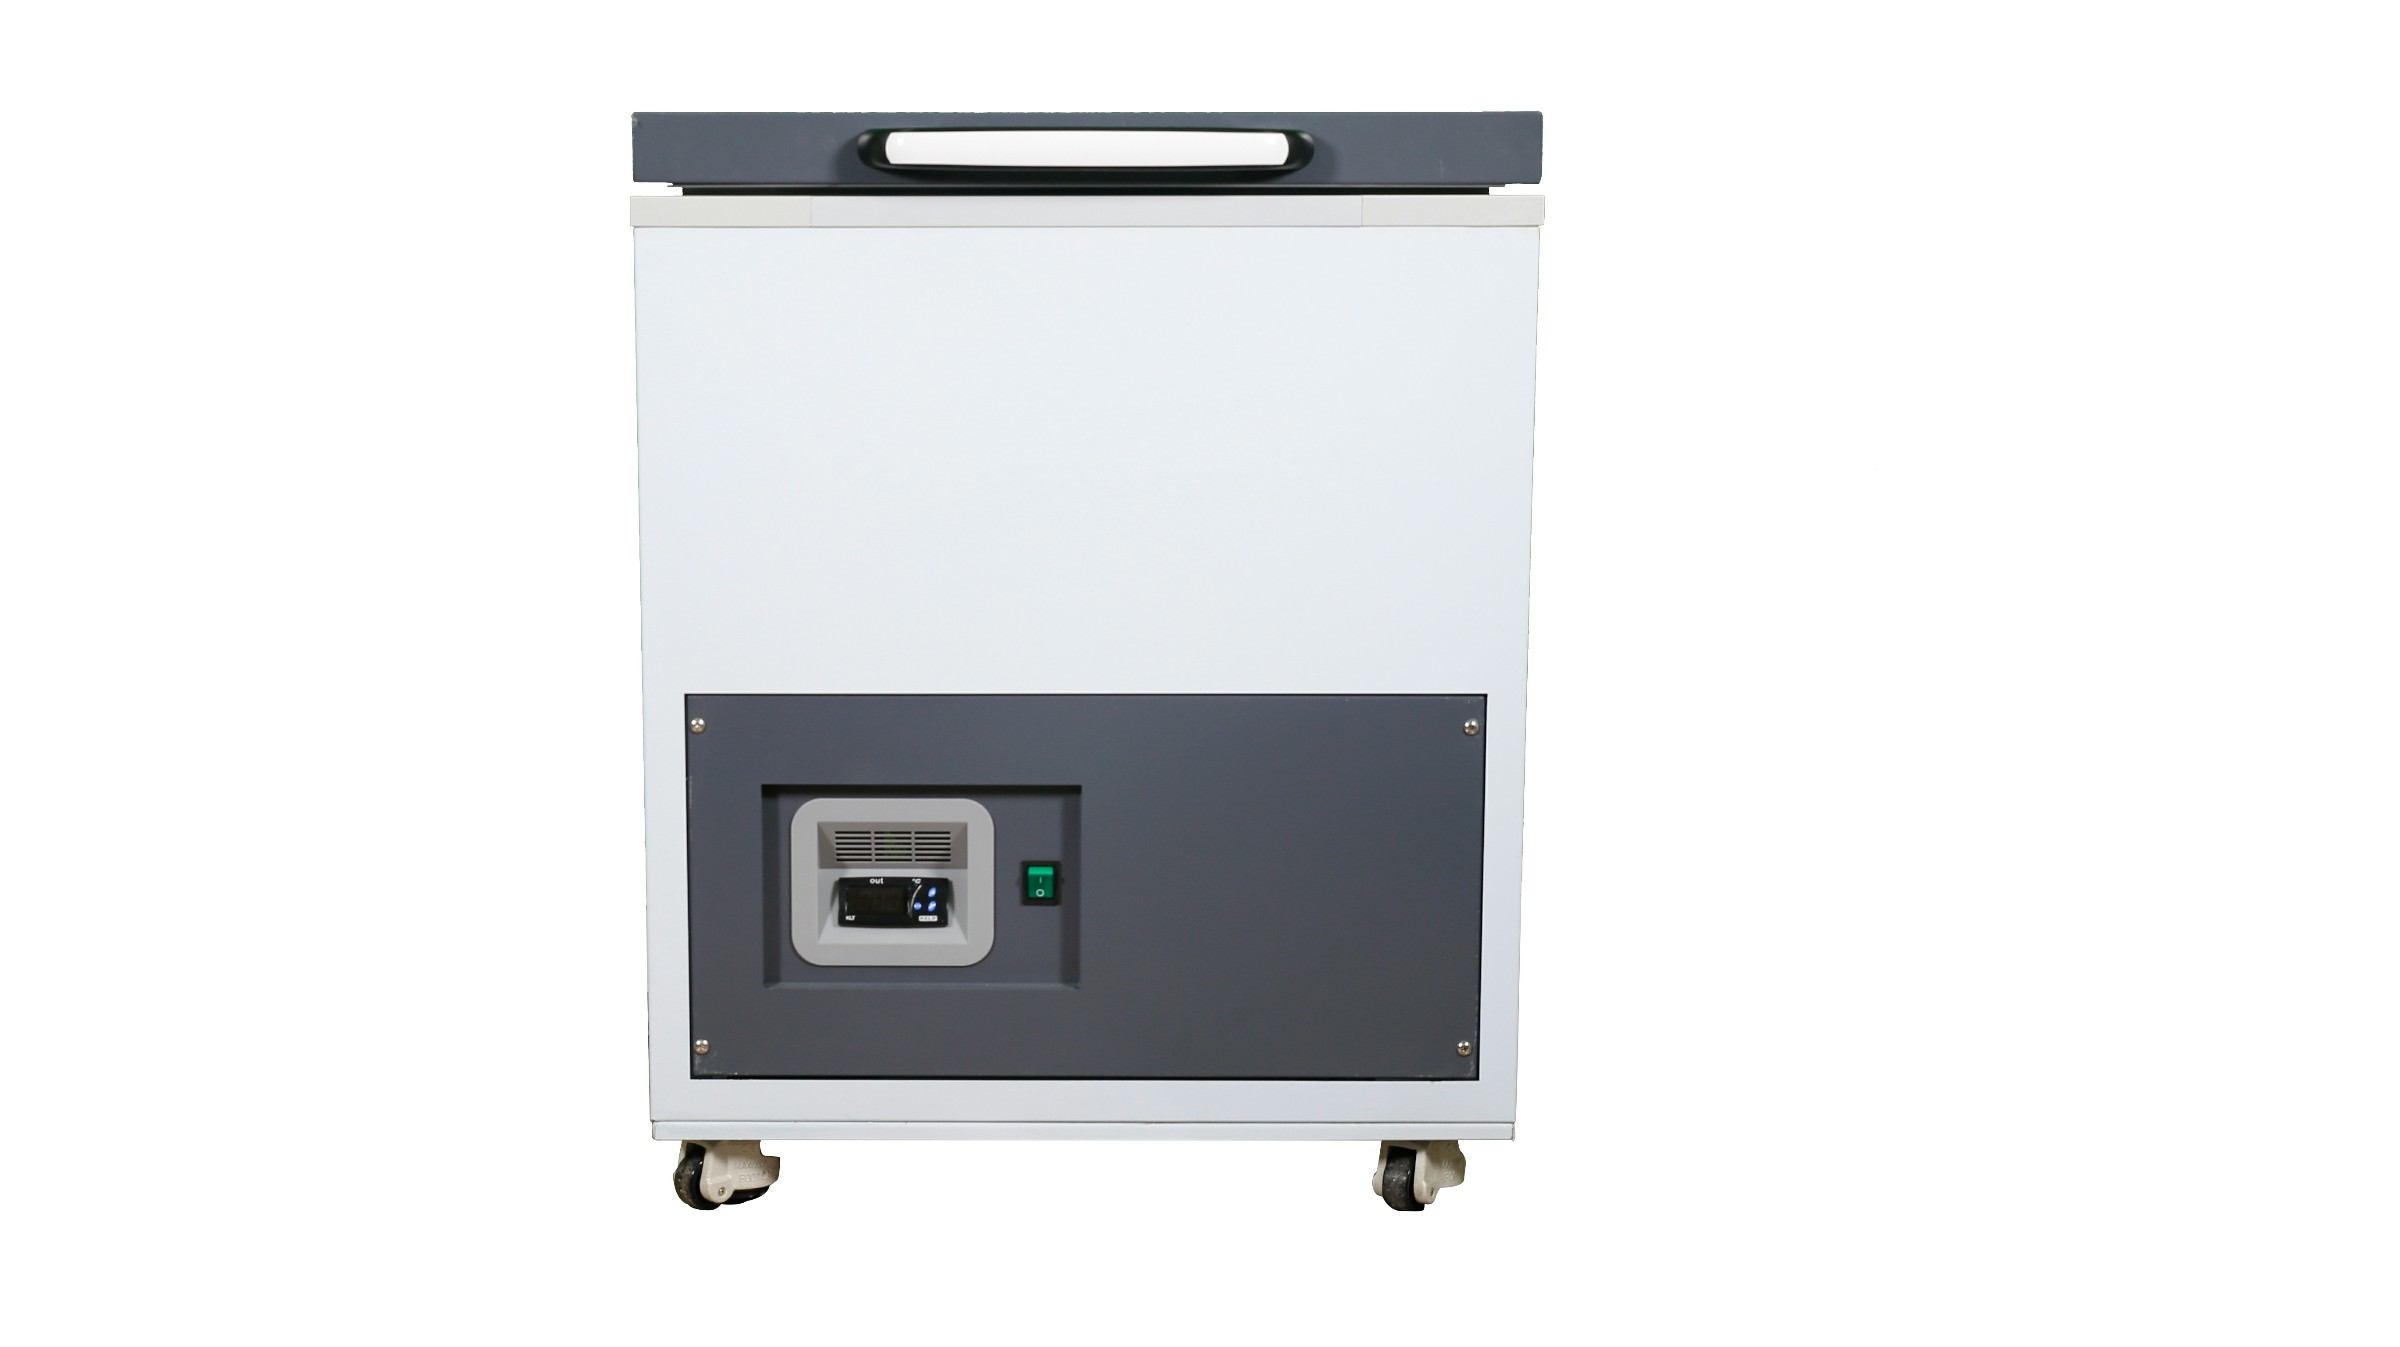 供应冰箱-专业的-180度冷冻机供应商_展望兴科技